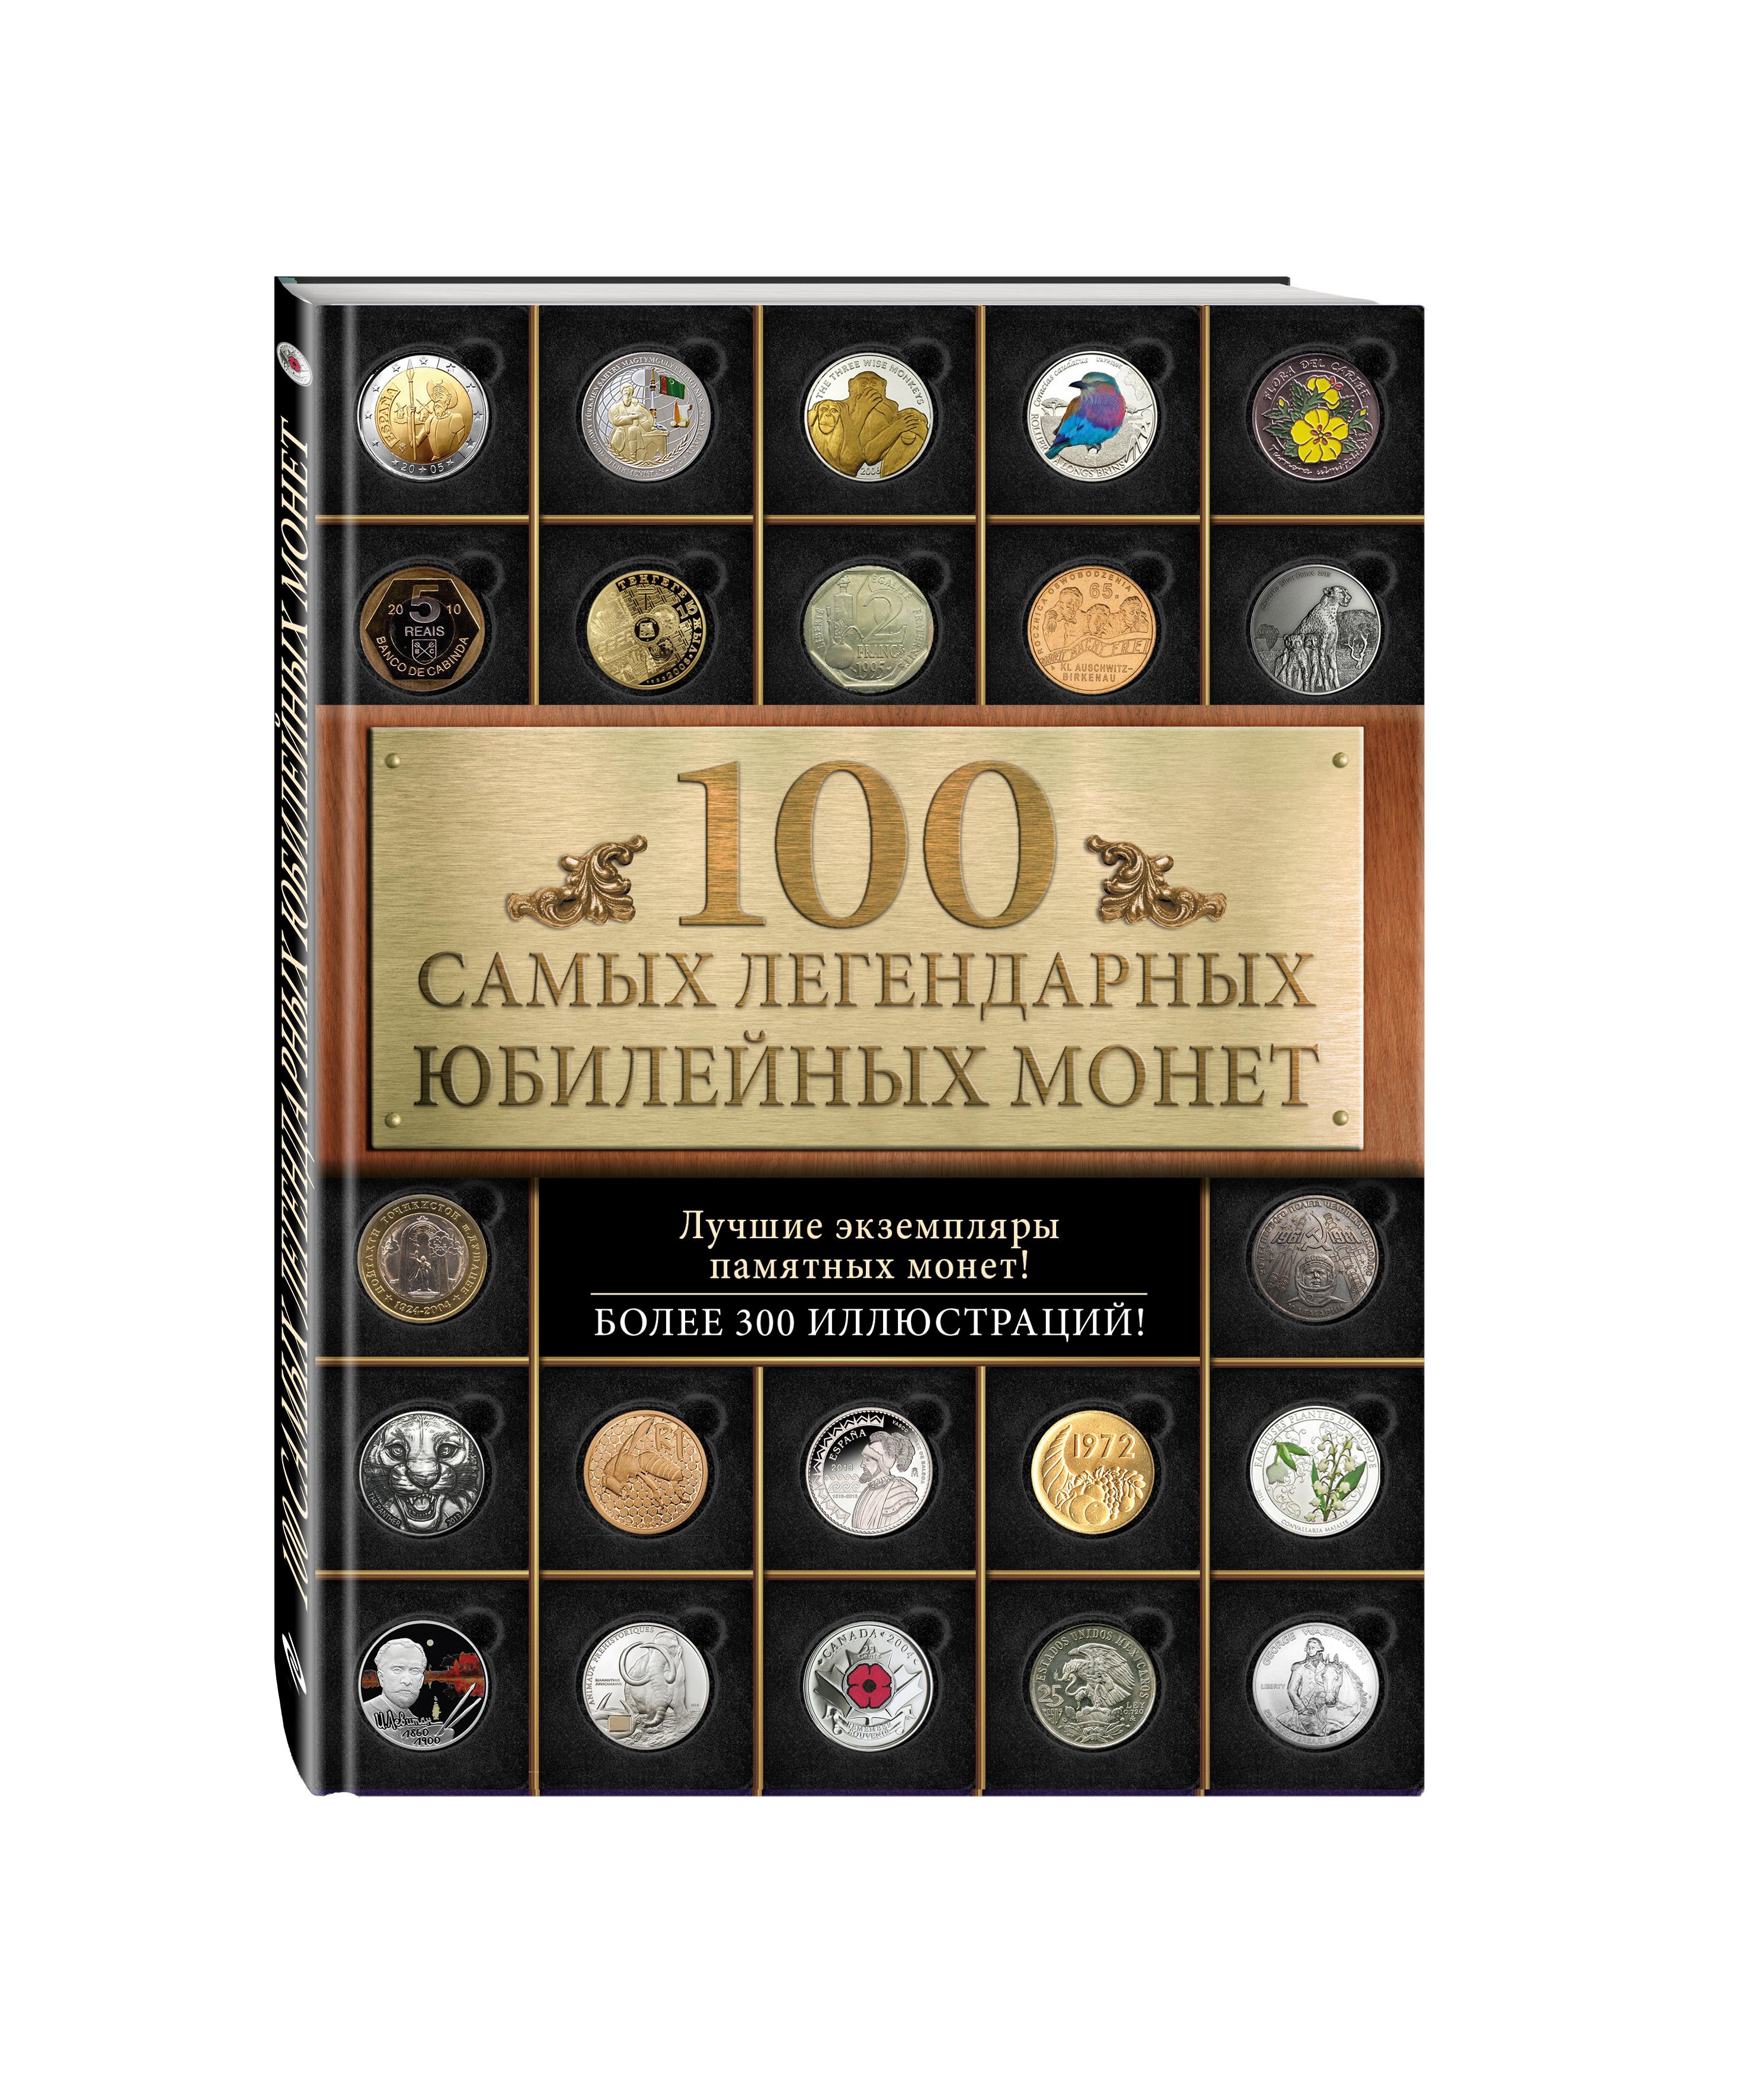 Ларин-Подольский И.А. 100 самых легендарных юбилейных монет